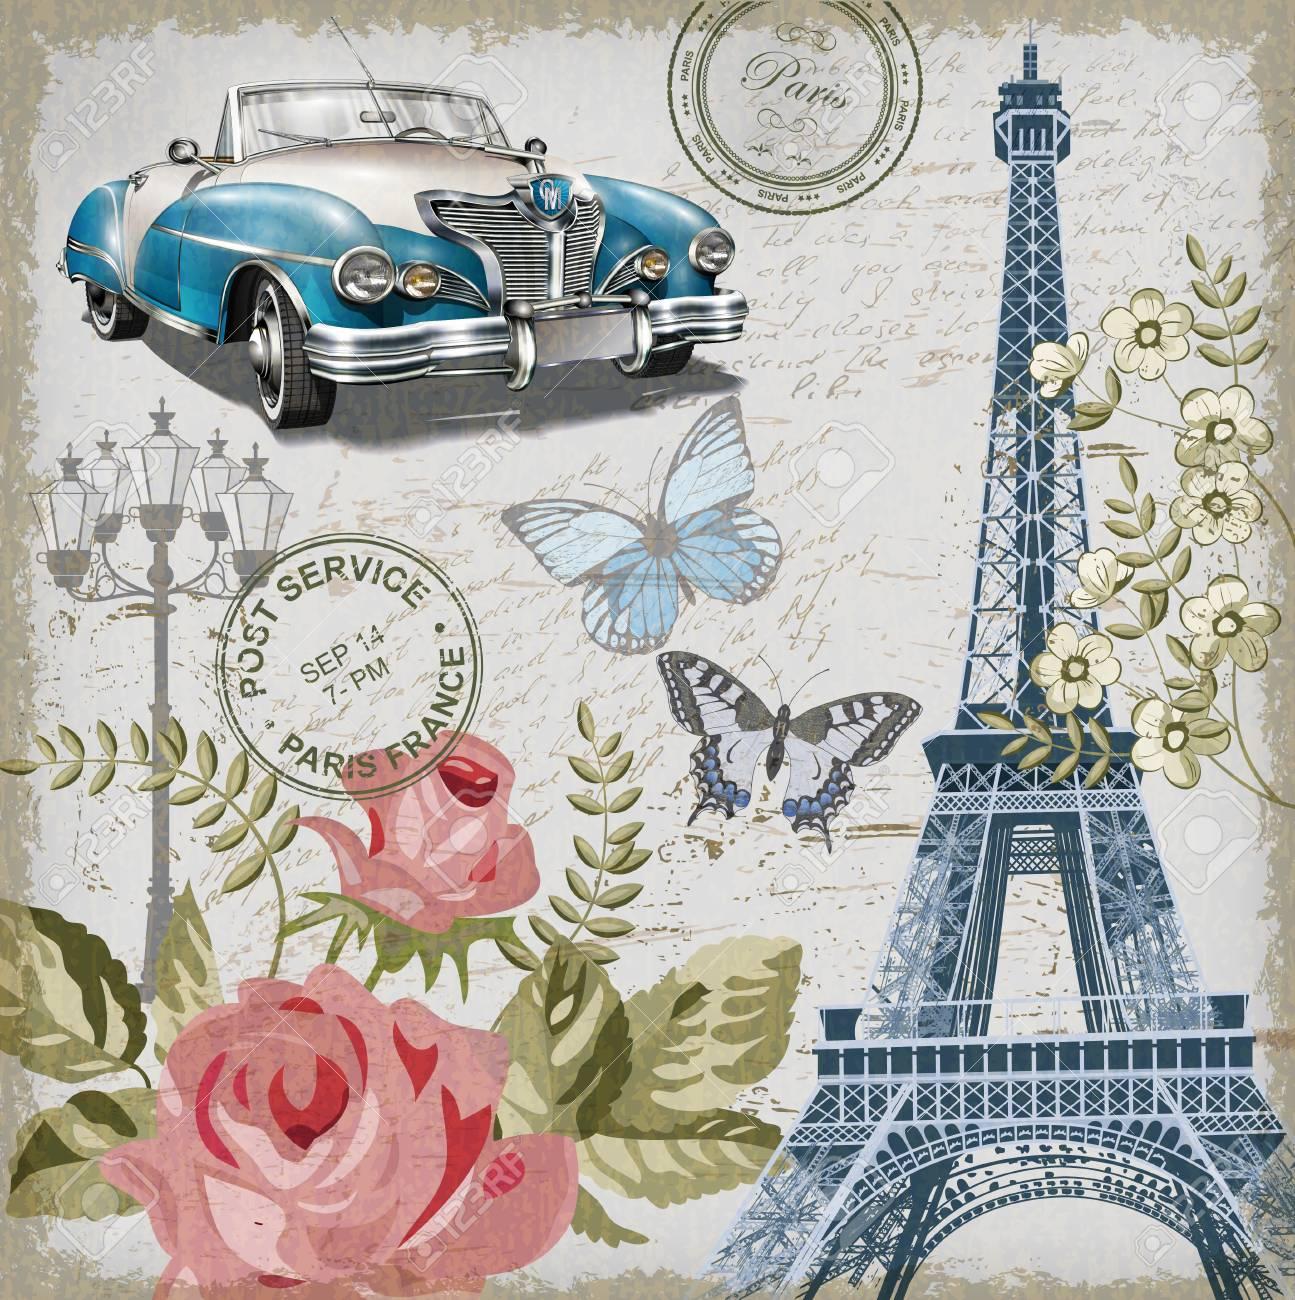 Paris vintage postcard. - 80926483